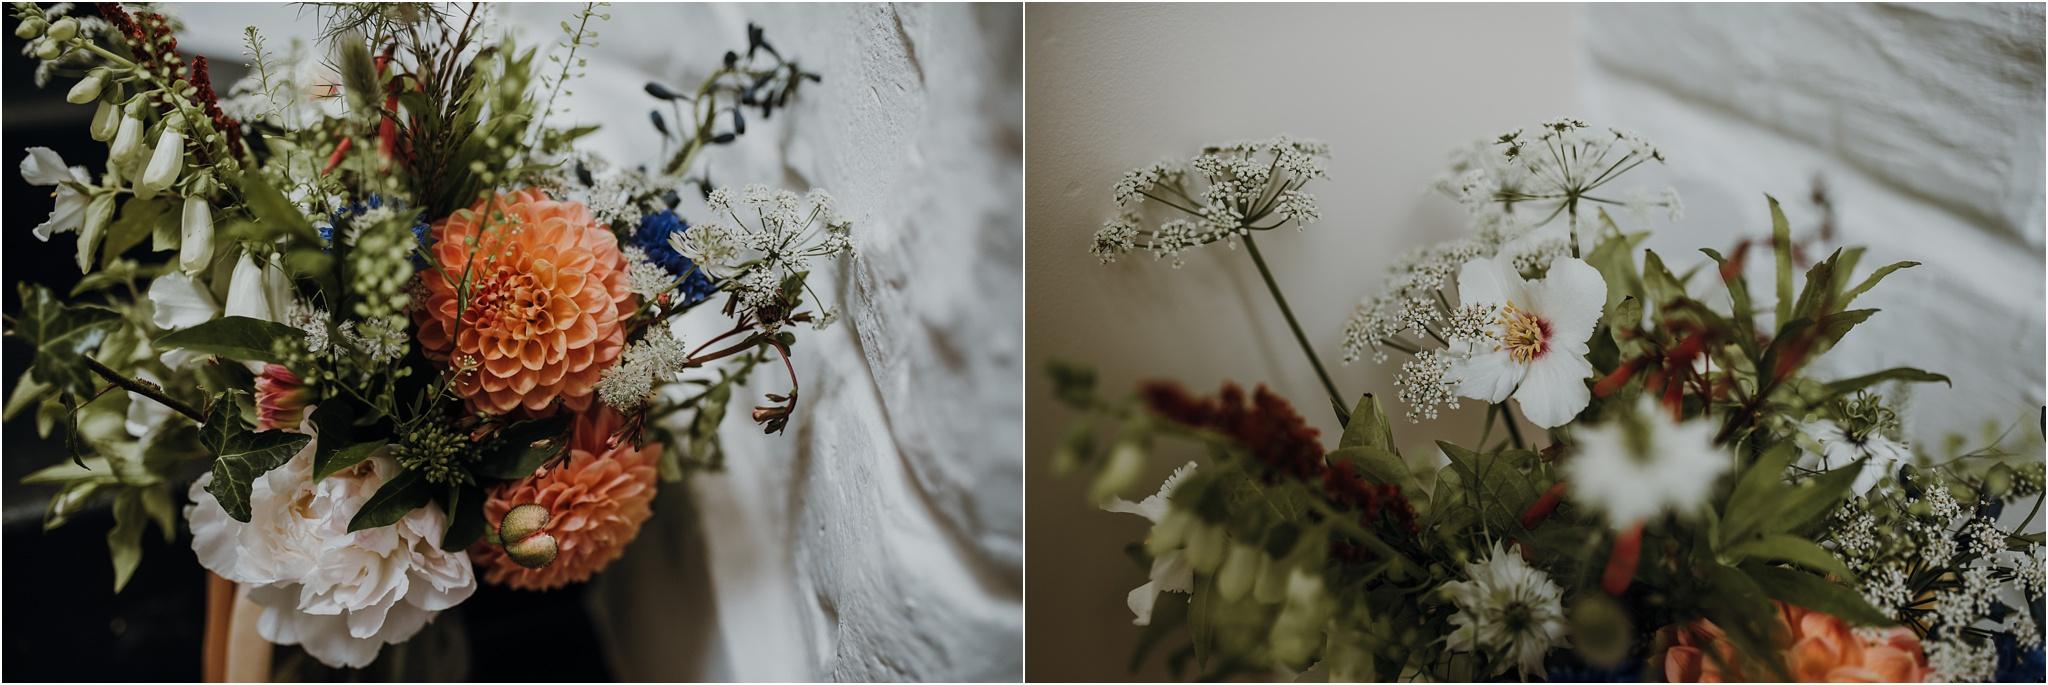 Edinburgh-barn-wedding-photographer_7.jpg